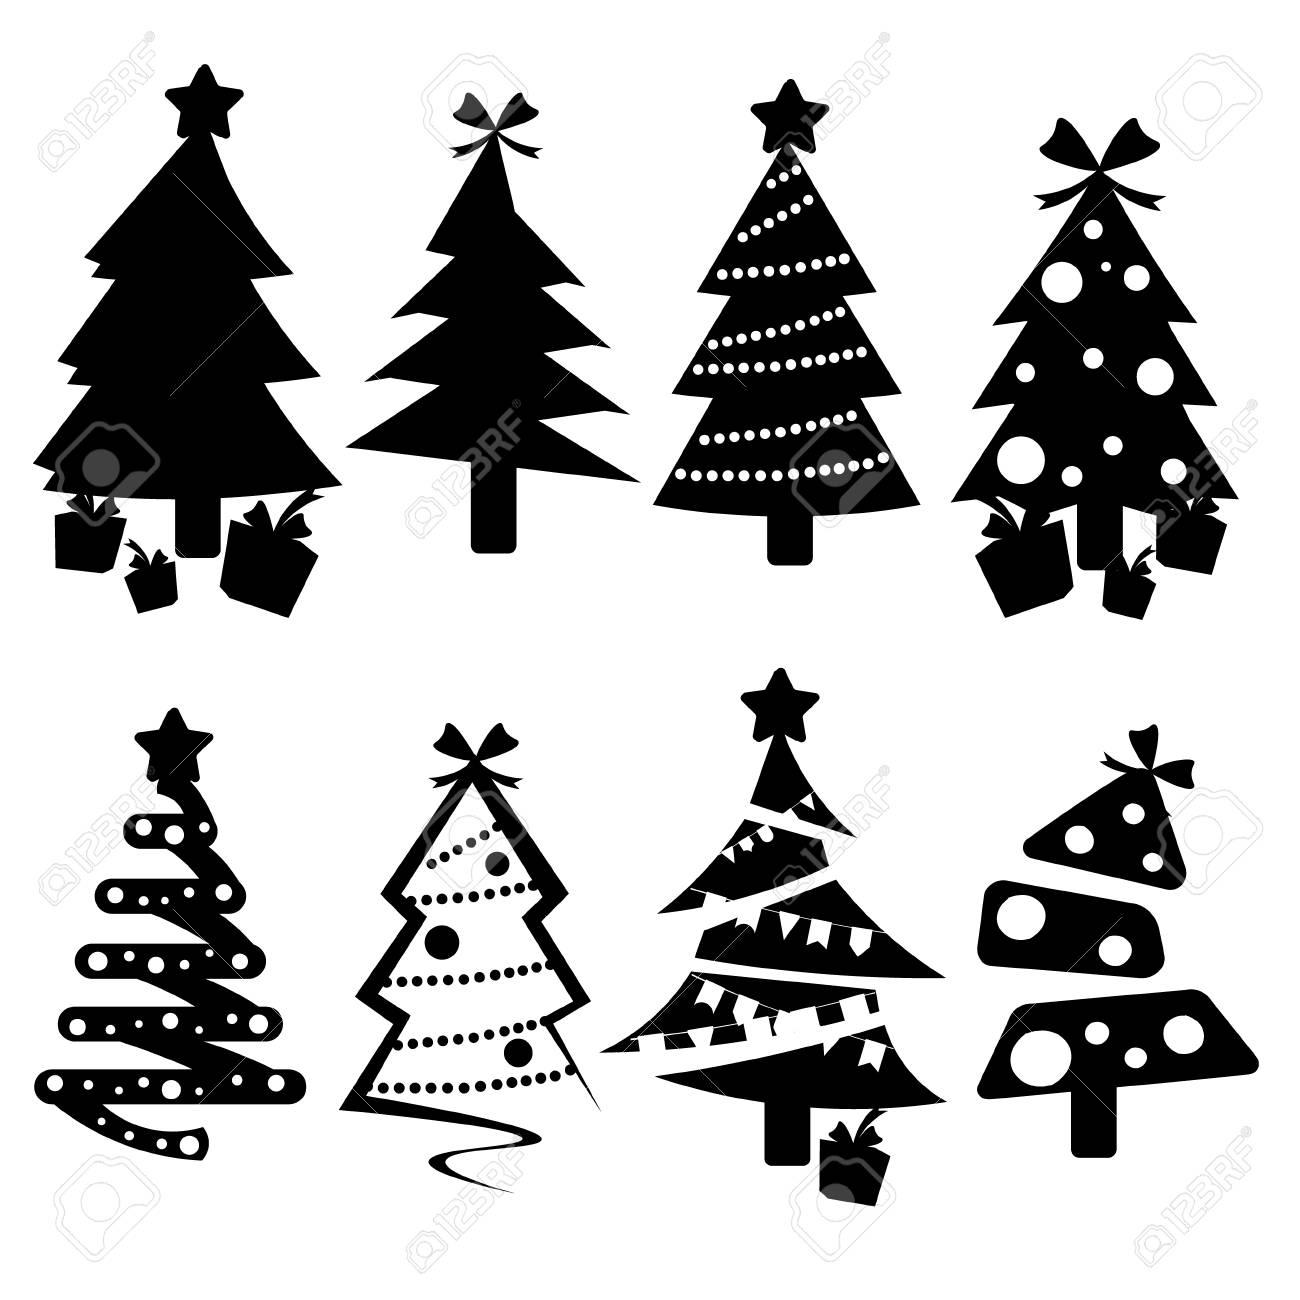 Albero Di Natale Nero.Immagini Stock Set Di Icone Di Alberi Di Natale Nero Image 90588715